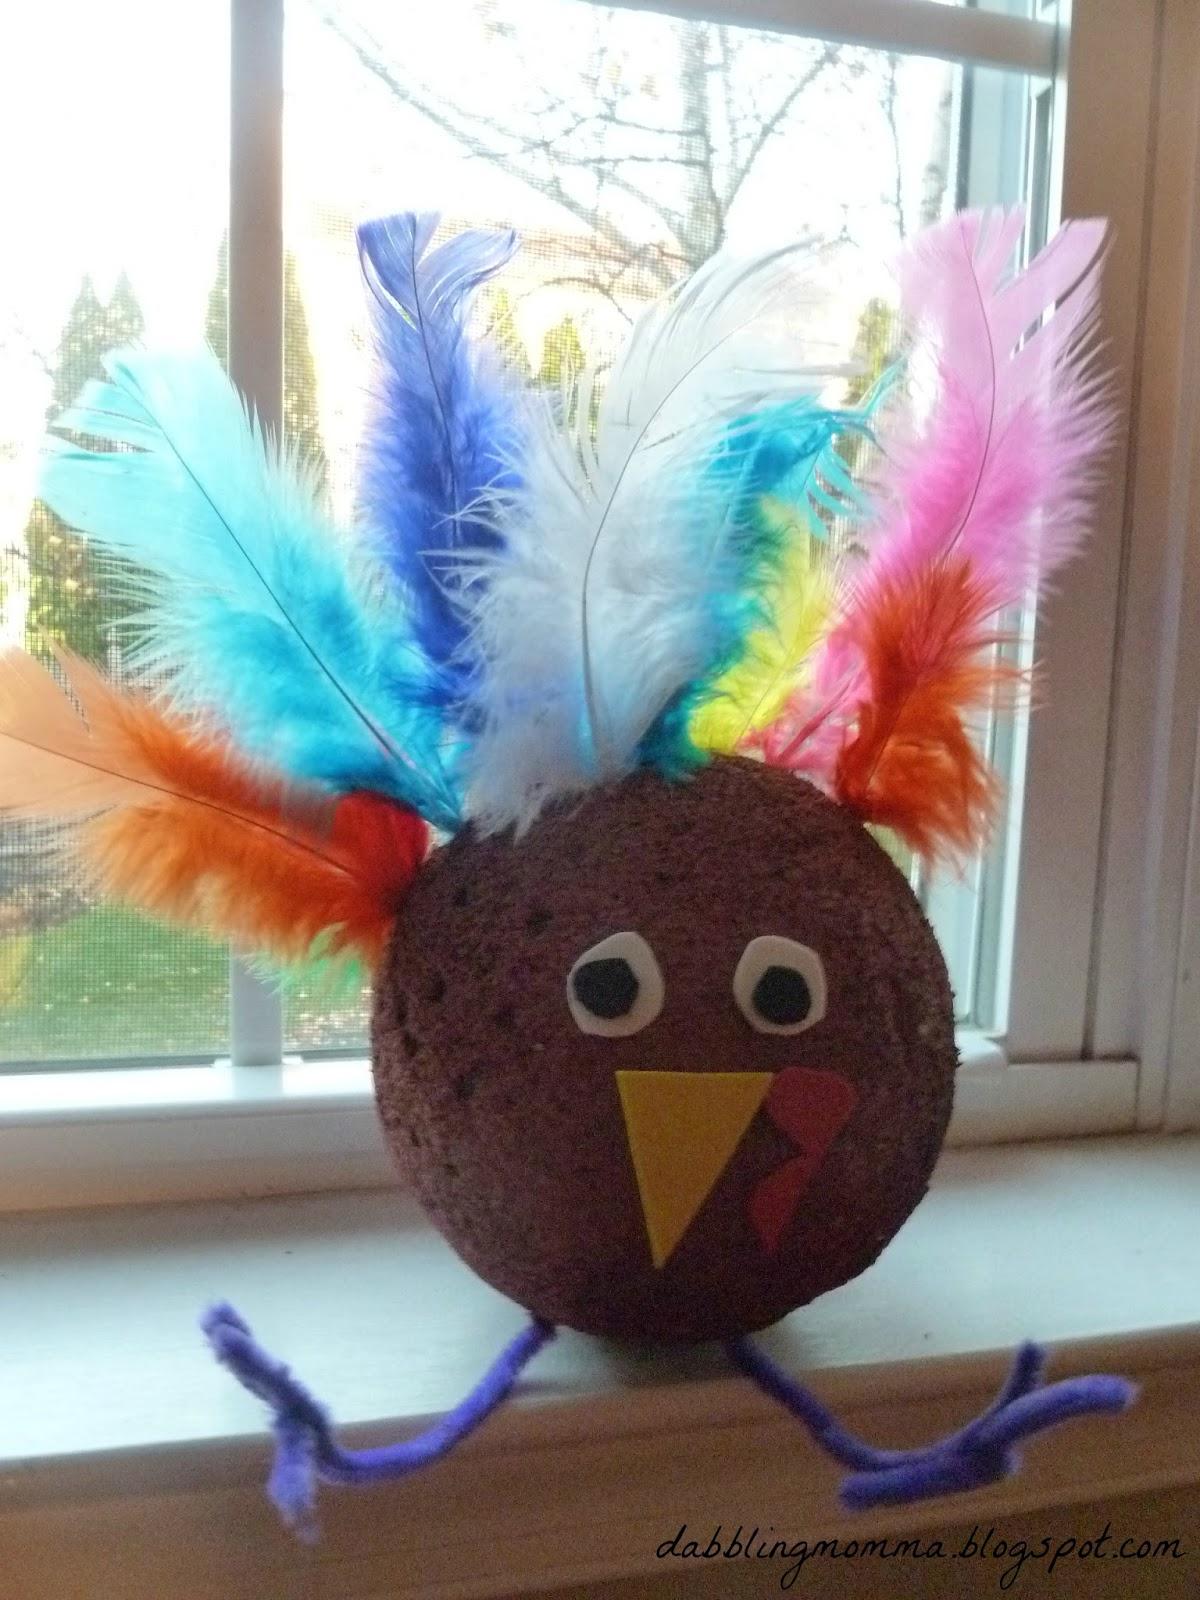 Dabblingmomma styrofoam turkey craft for Crafts with styrofoam balls for kids